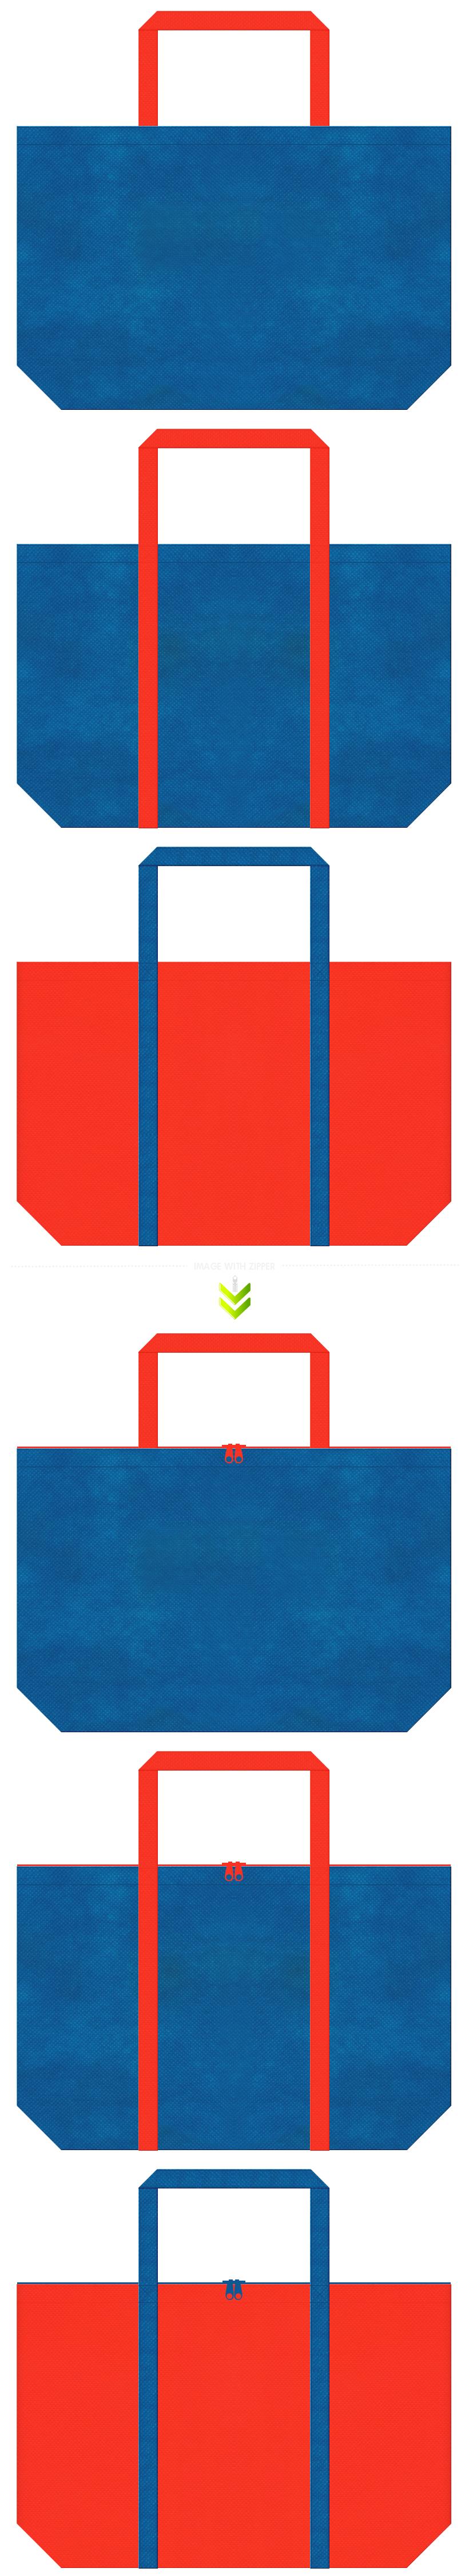 おもちゃ・テーマパーク・ロボット・ラジコン・ホビーのショッピングバッグにお奨めの不織布バッグデザイン:青色とオレンジ色のコーデ